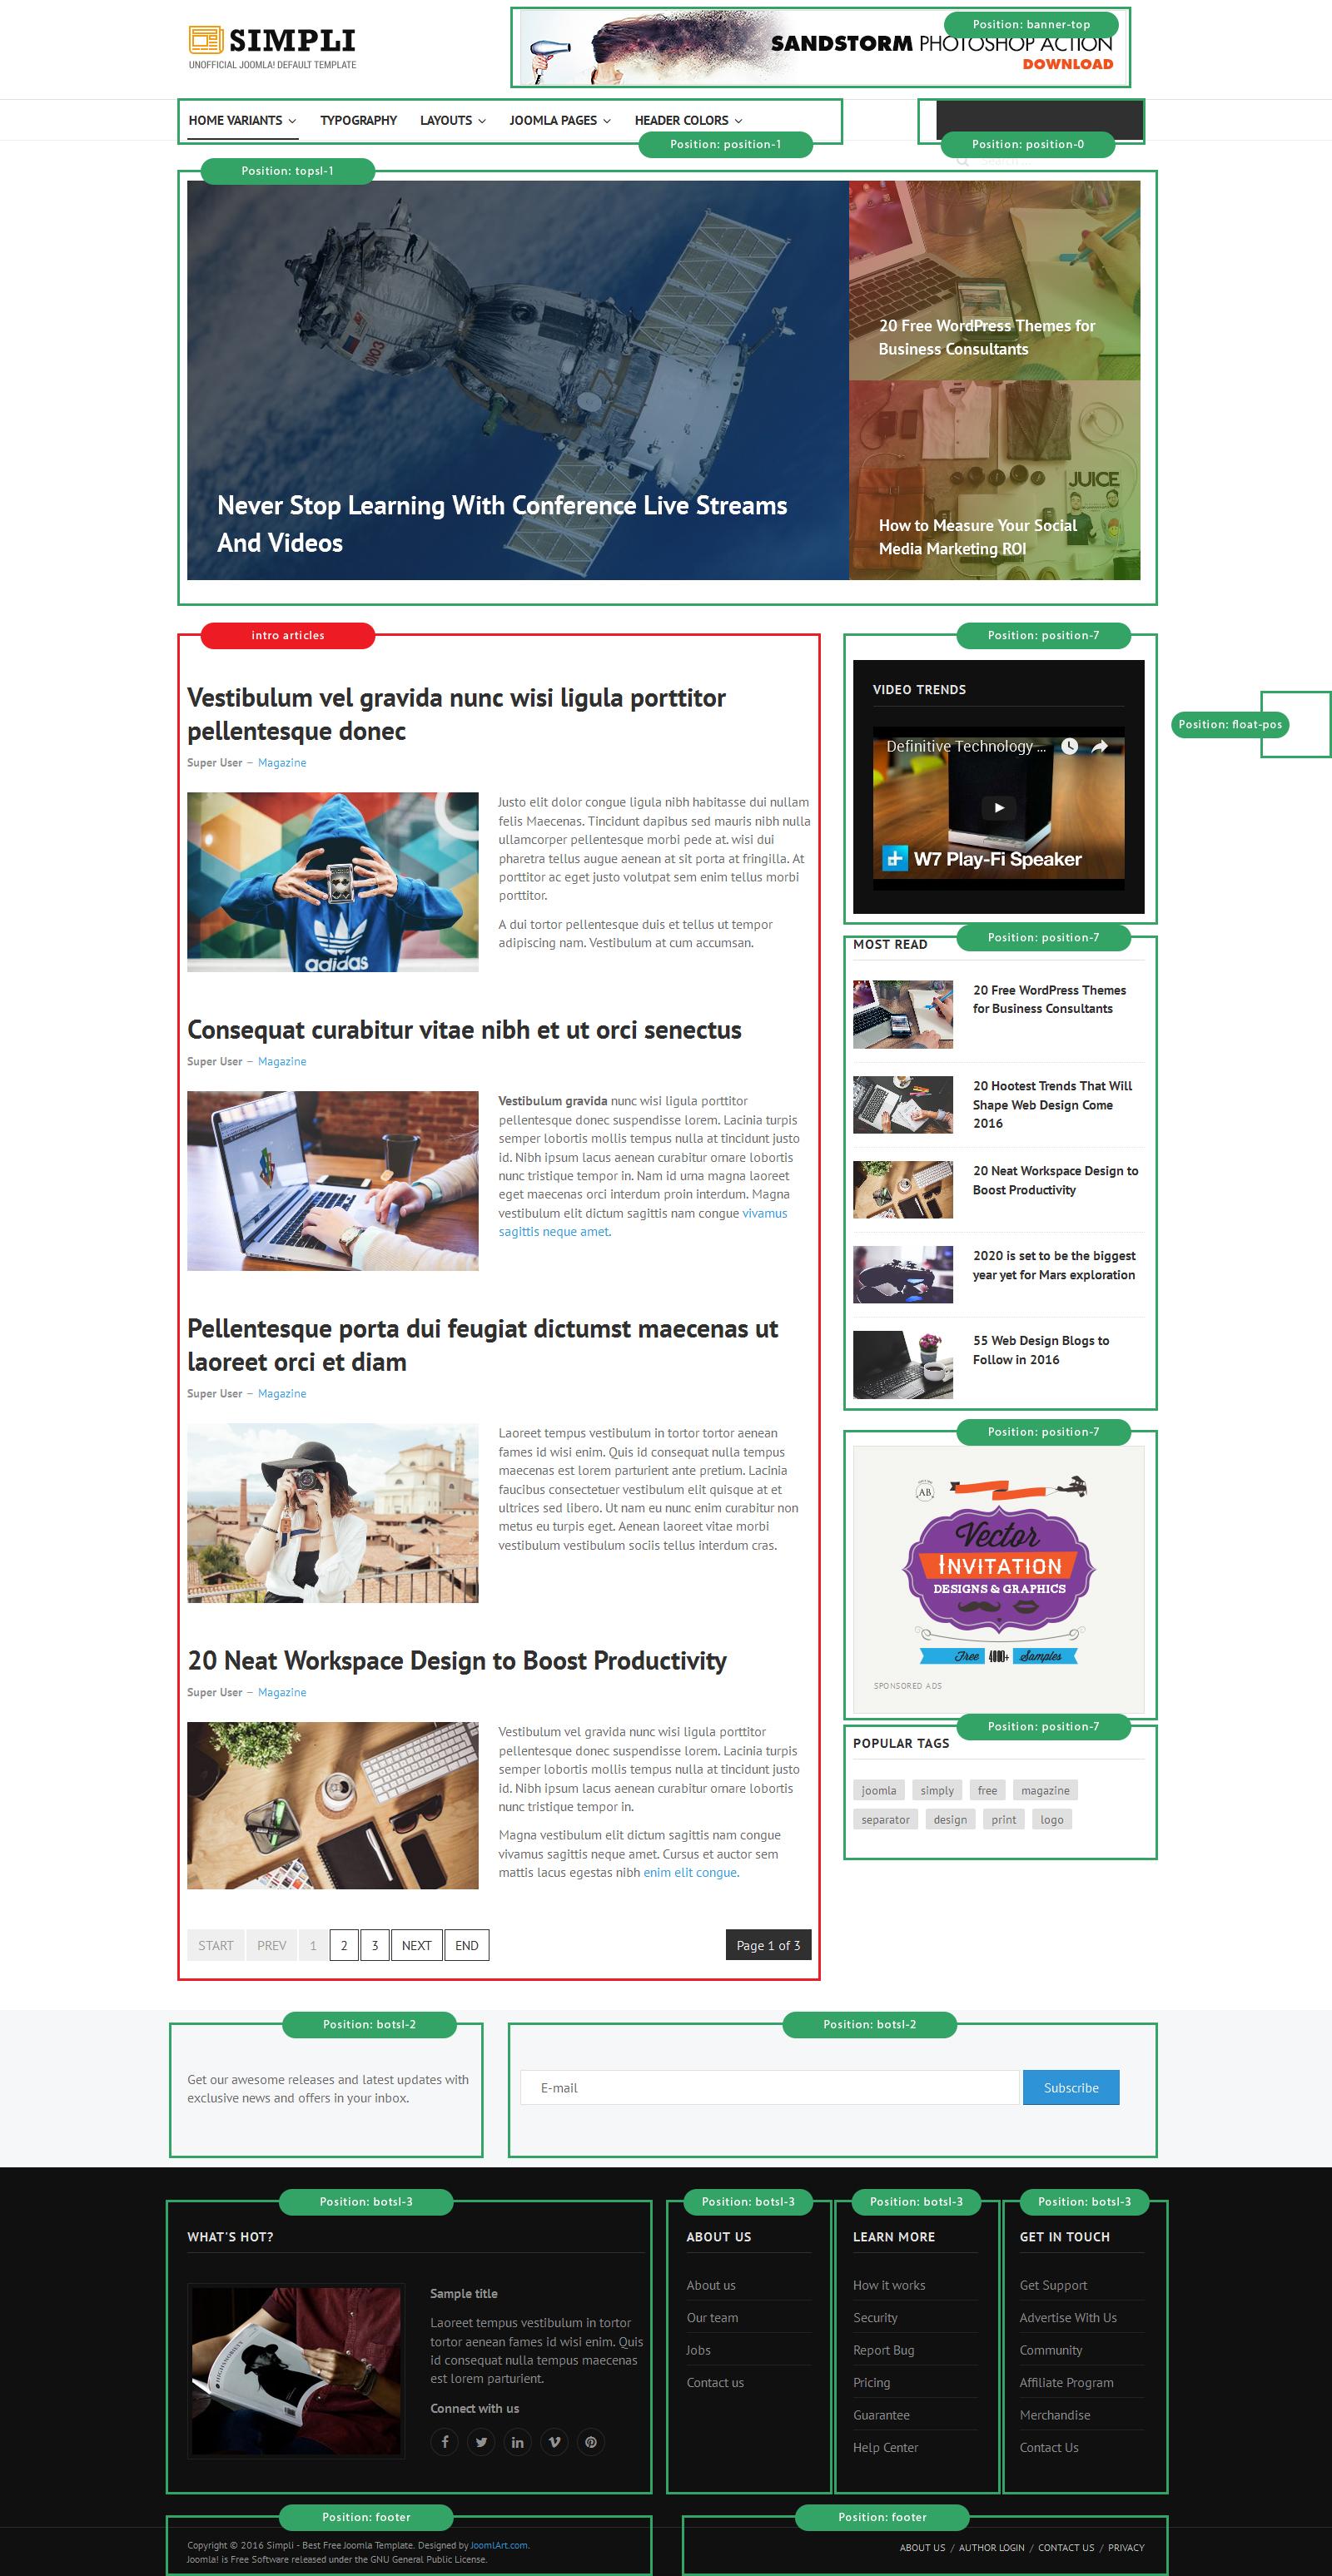 JA Simpli | Joomla Templates and Extensions Provider